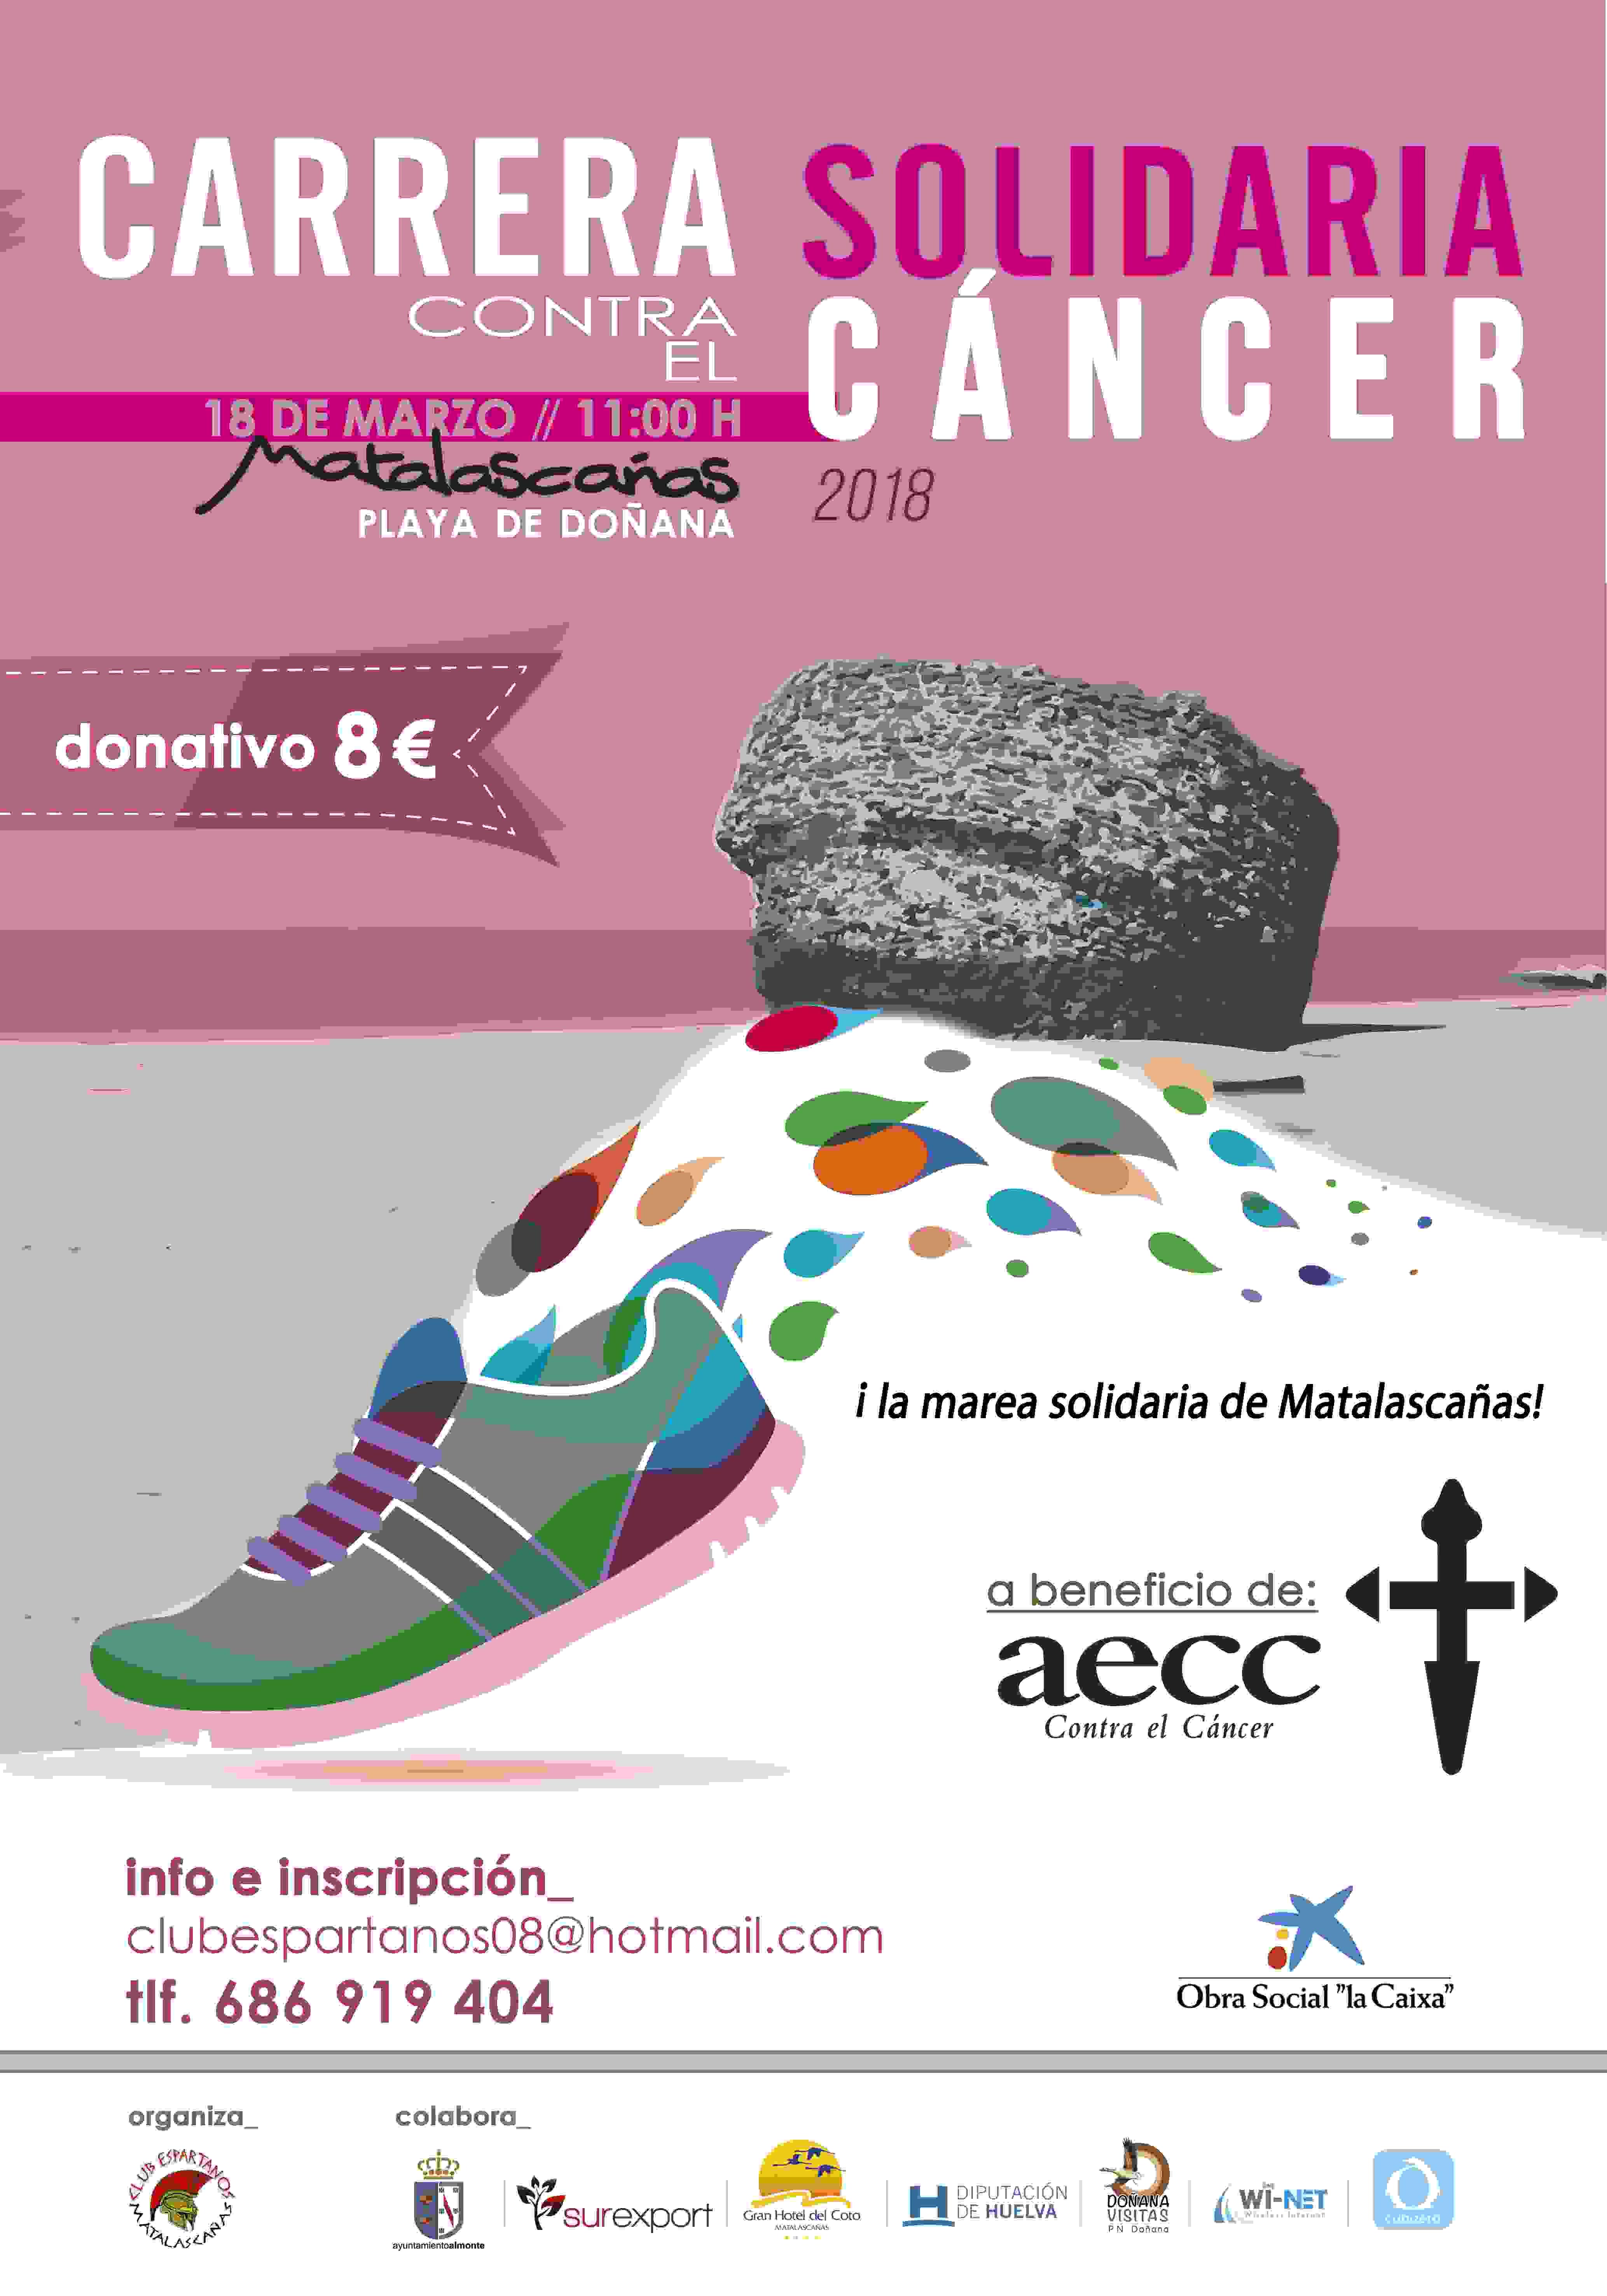 III CARRERA / CAMINATA SOLIDARIA CONTRA EL CANCER. - Inscríbete